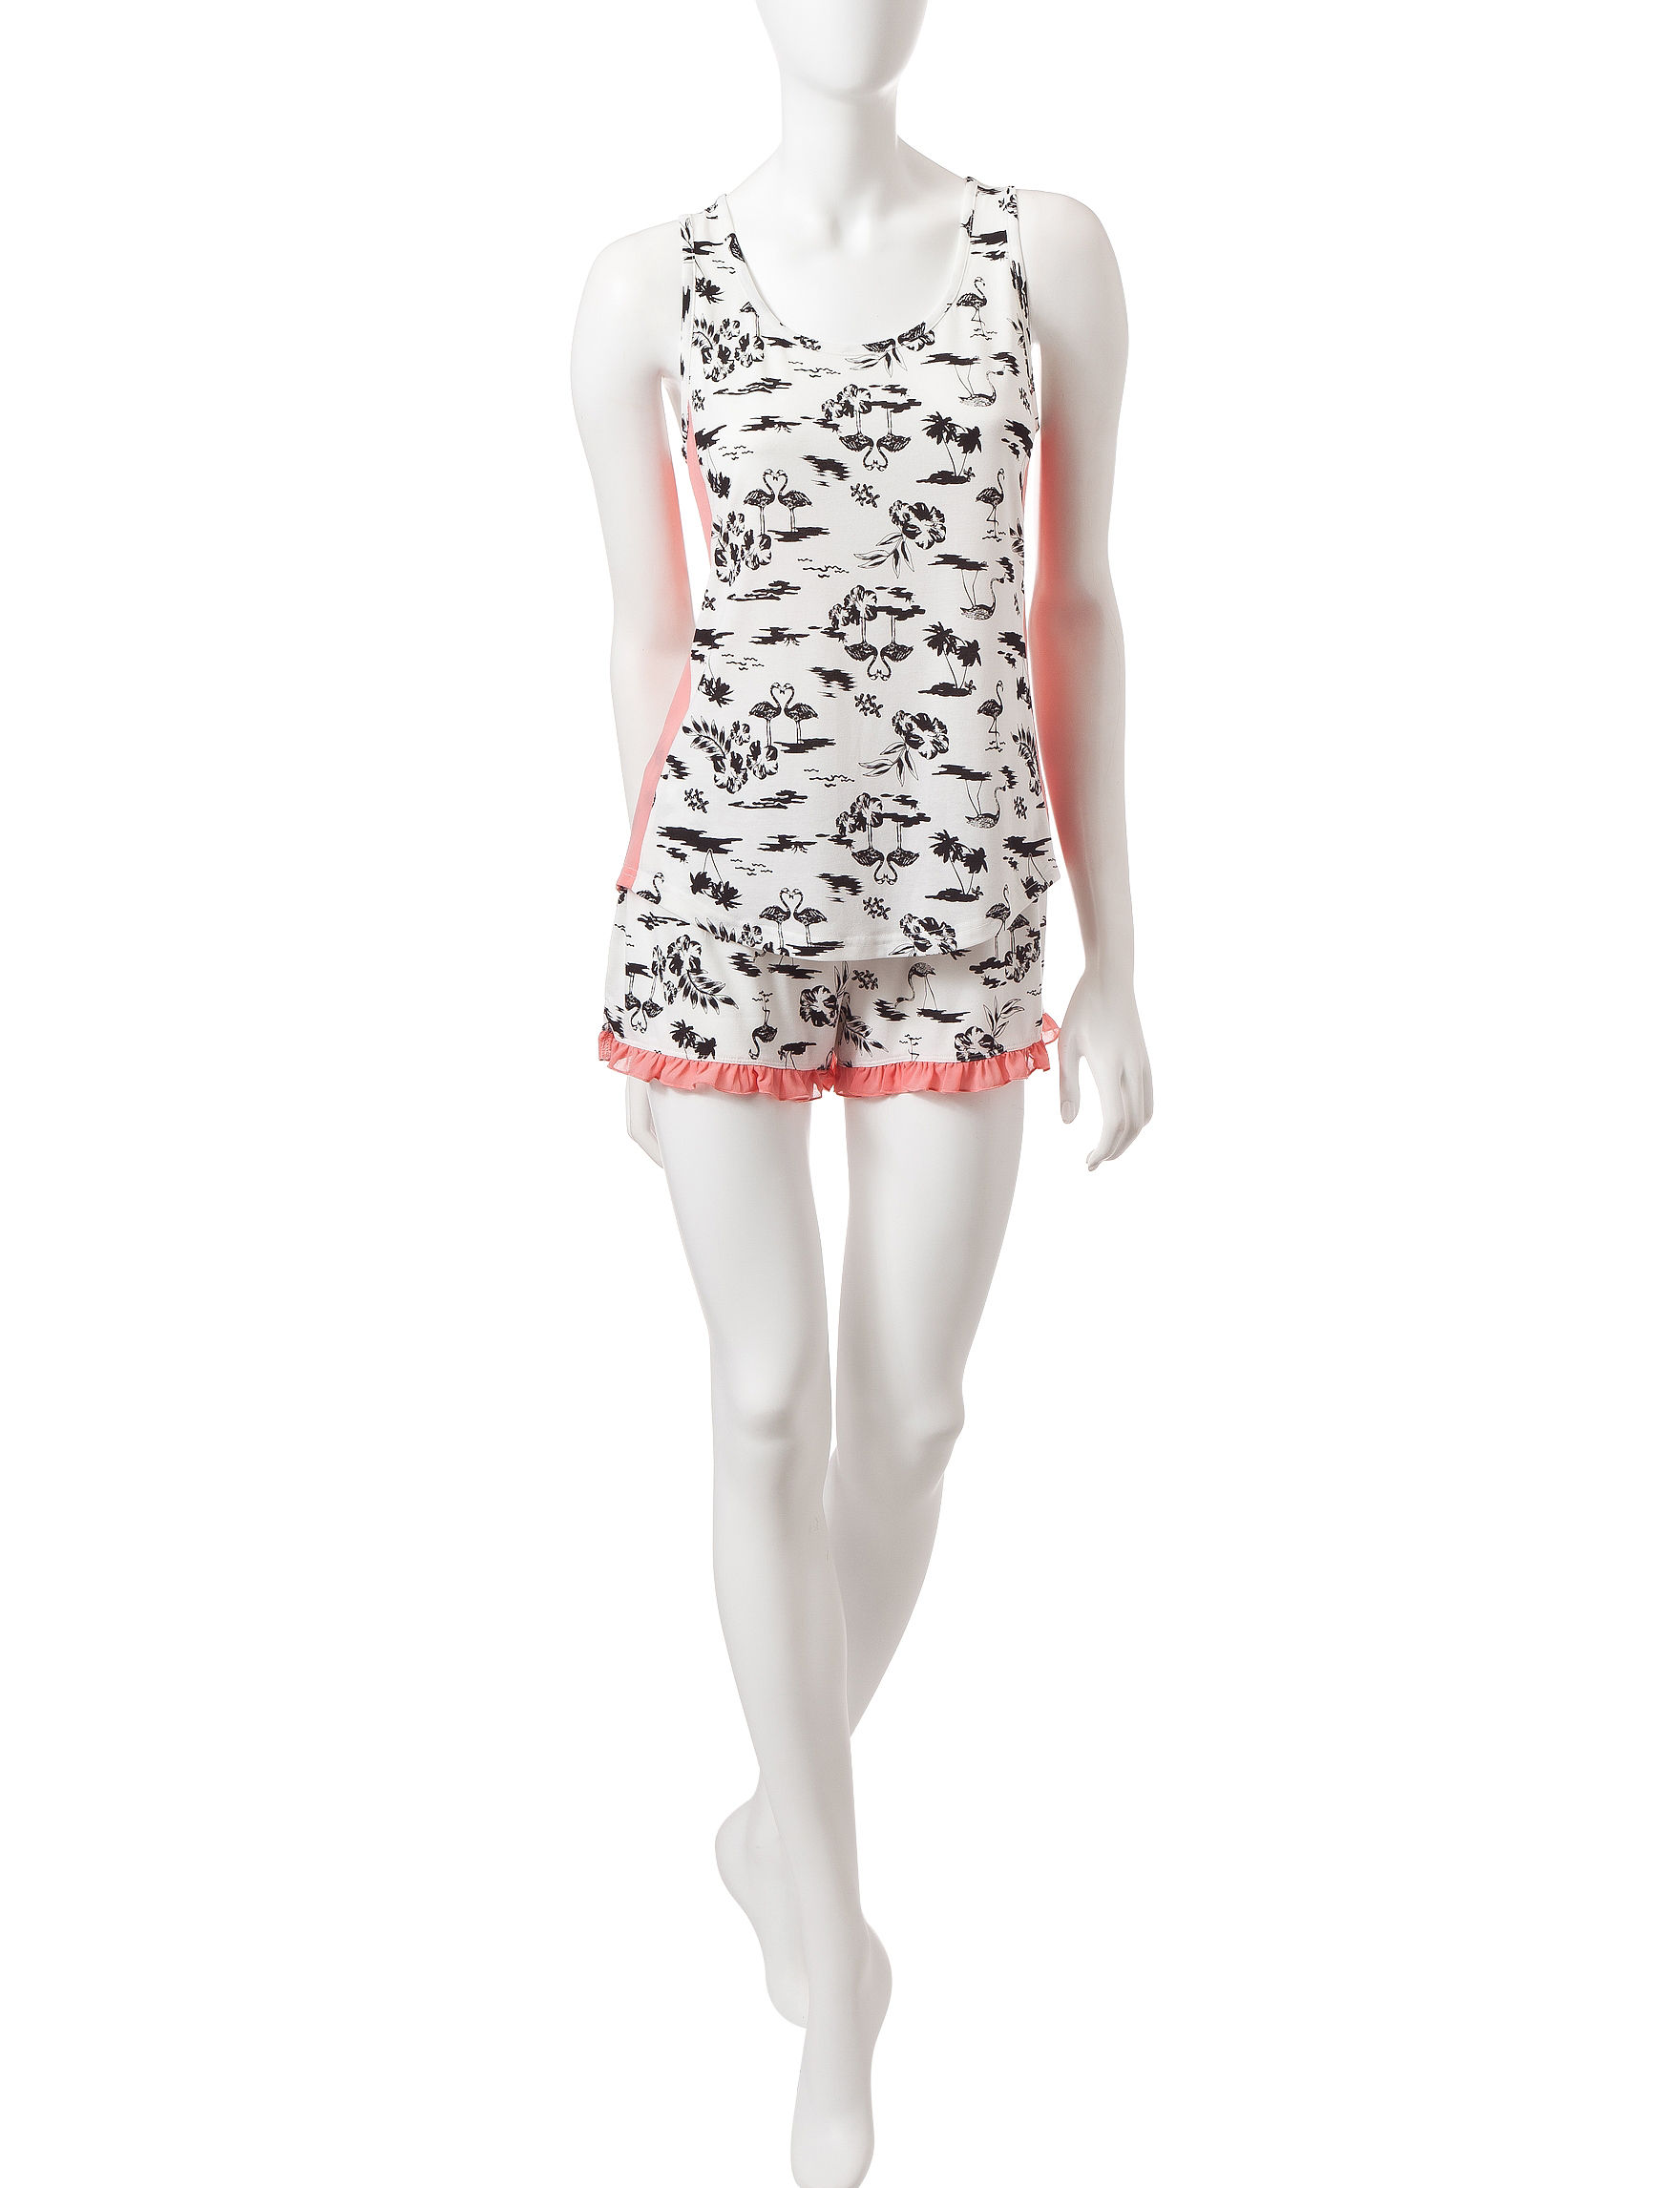 PJ Couture Black / White Pajama Sets